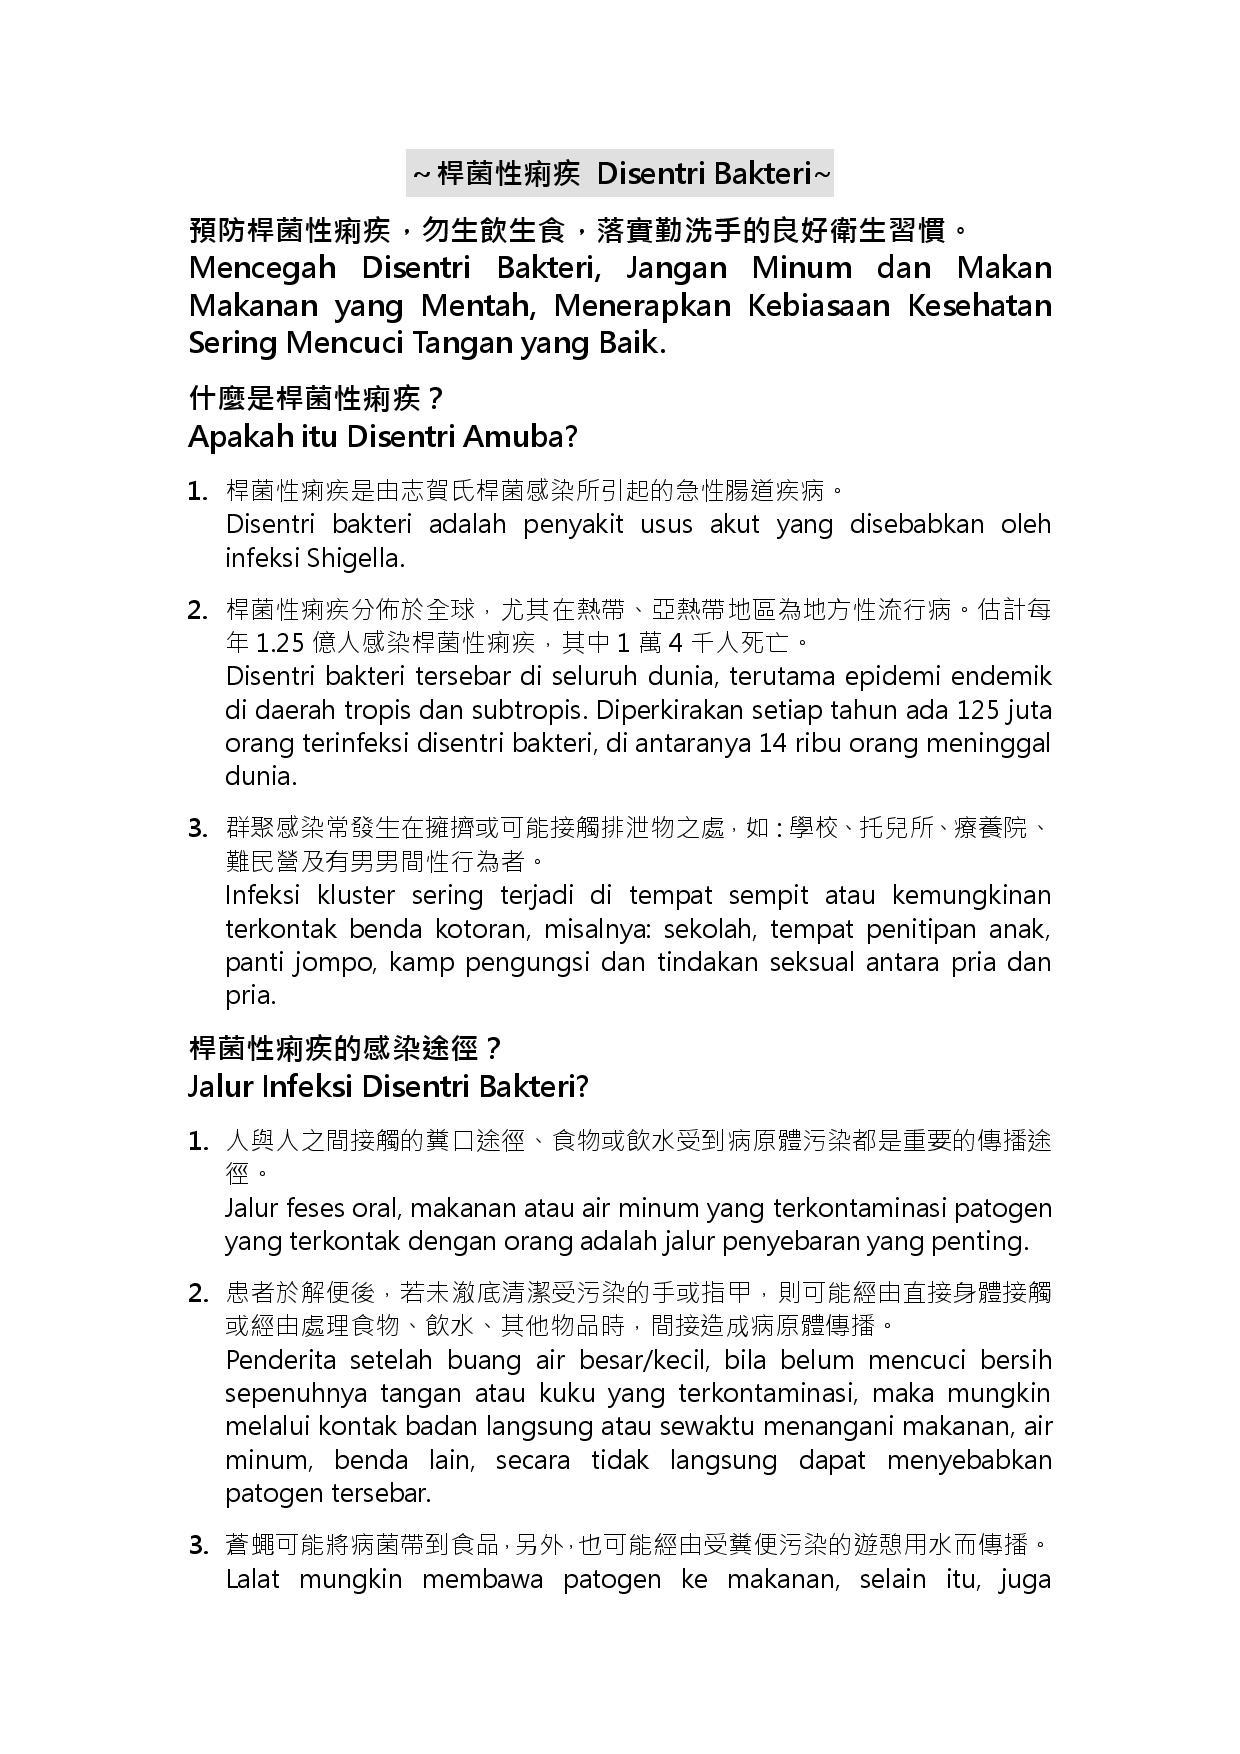 詳如附件【Klik】Mencegah Disentri Bakteri(Halaman 1)預防桿菌性痢疾(印尼文)